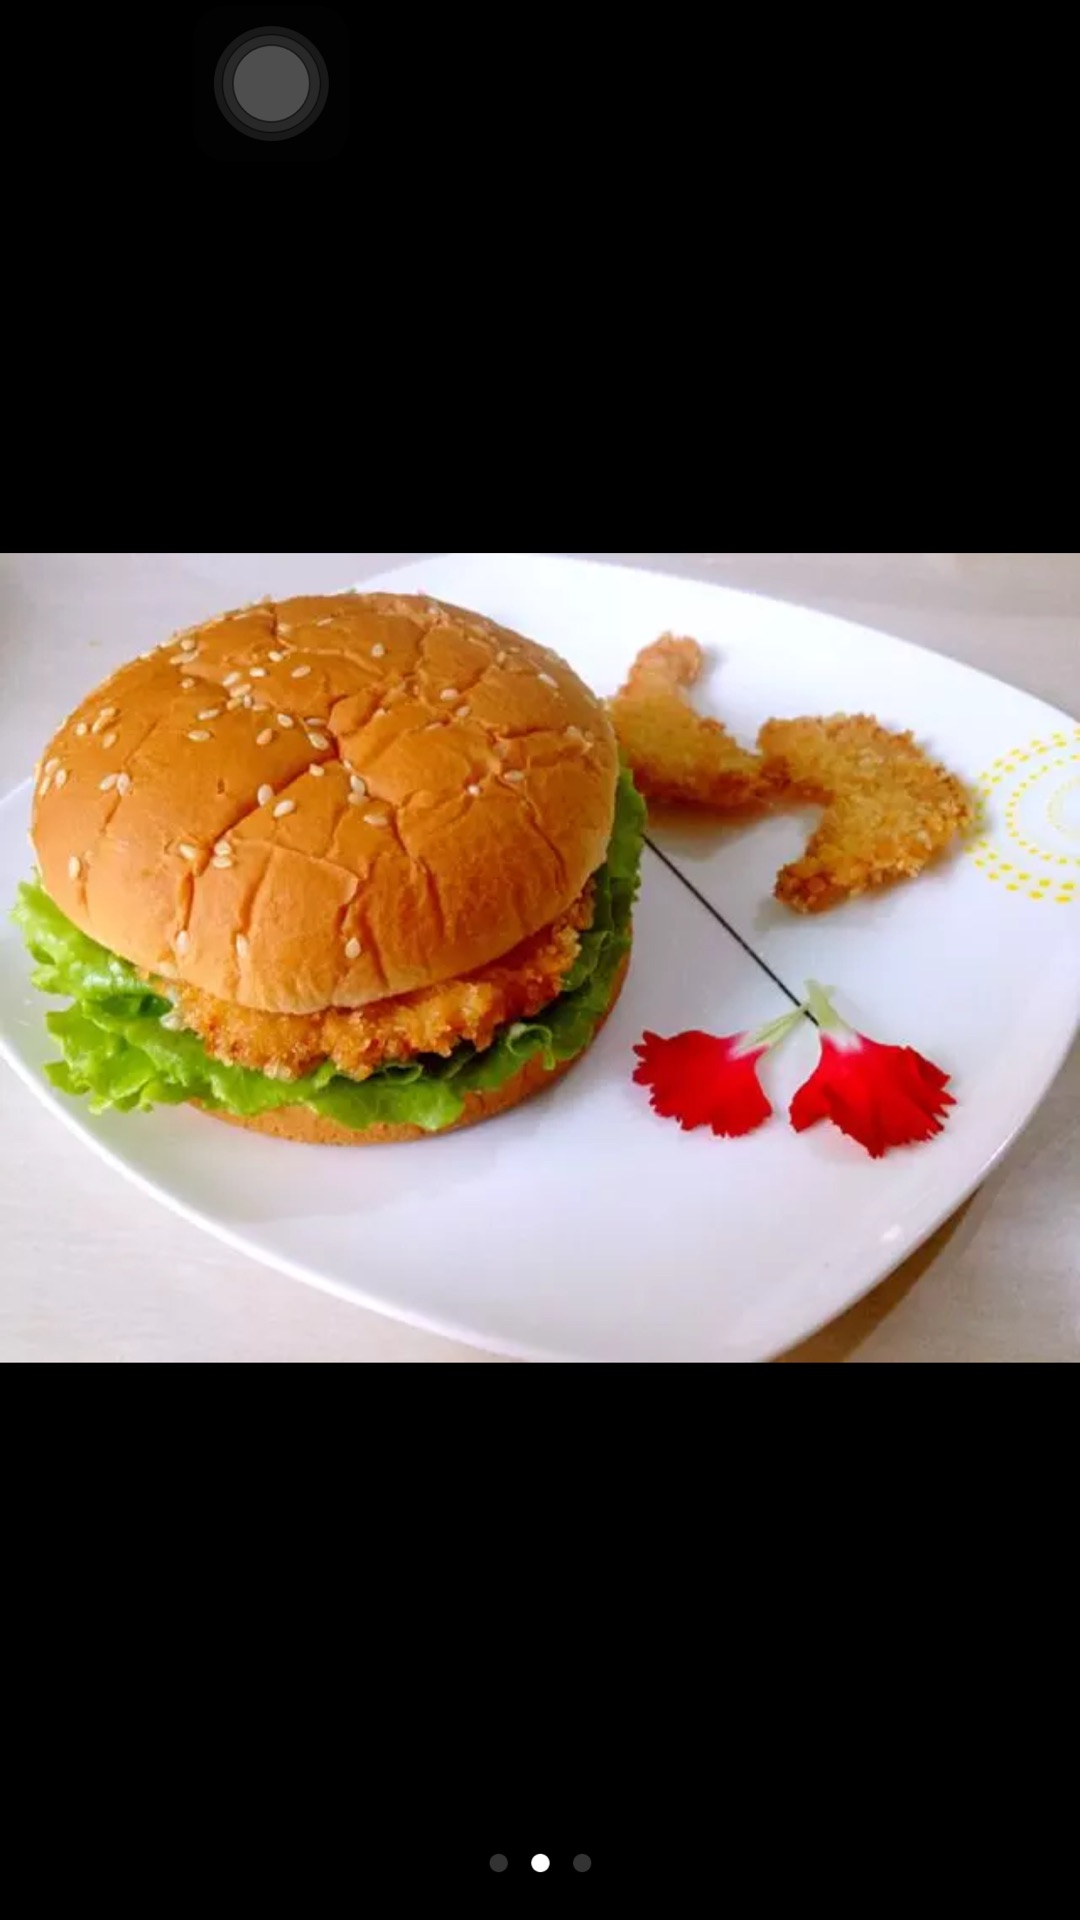 难度:切墩(初级)   主料 鸡胸肉 面粉 鸡蛋 面包糠 汉堡包的做法步骤